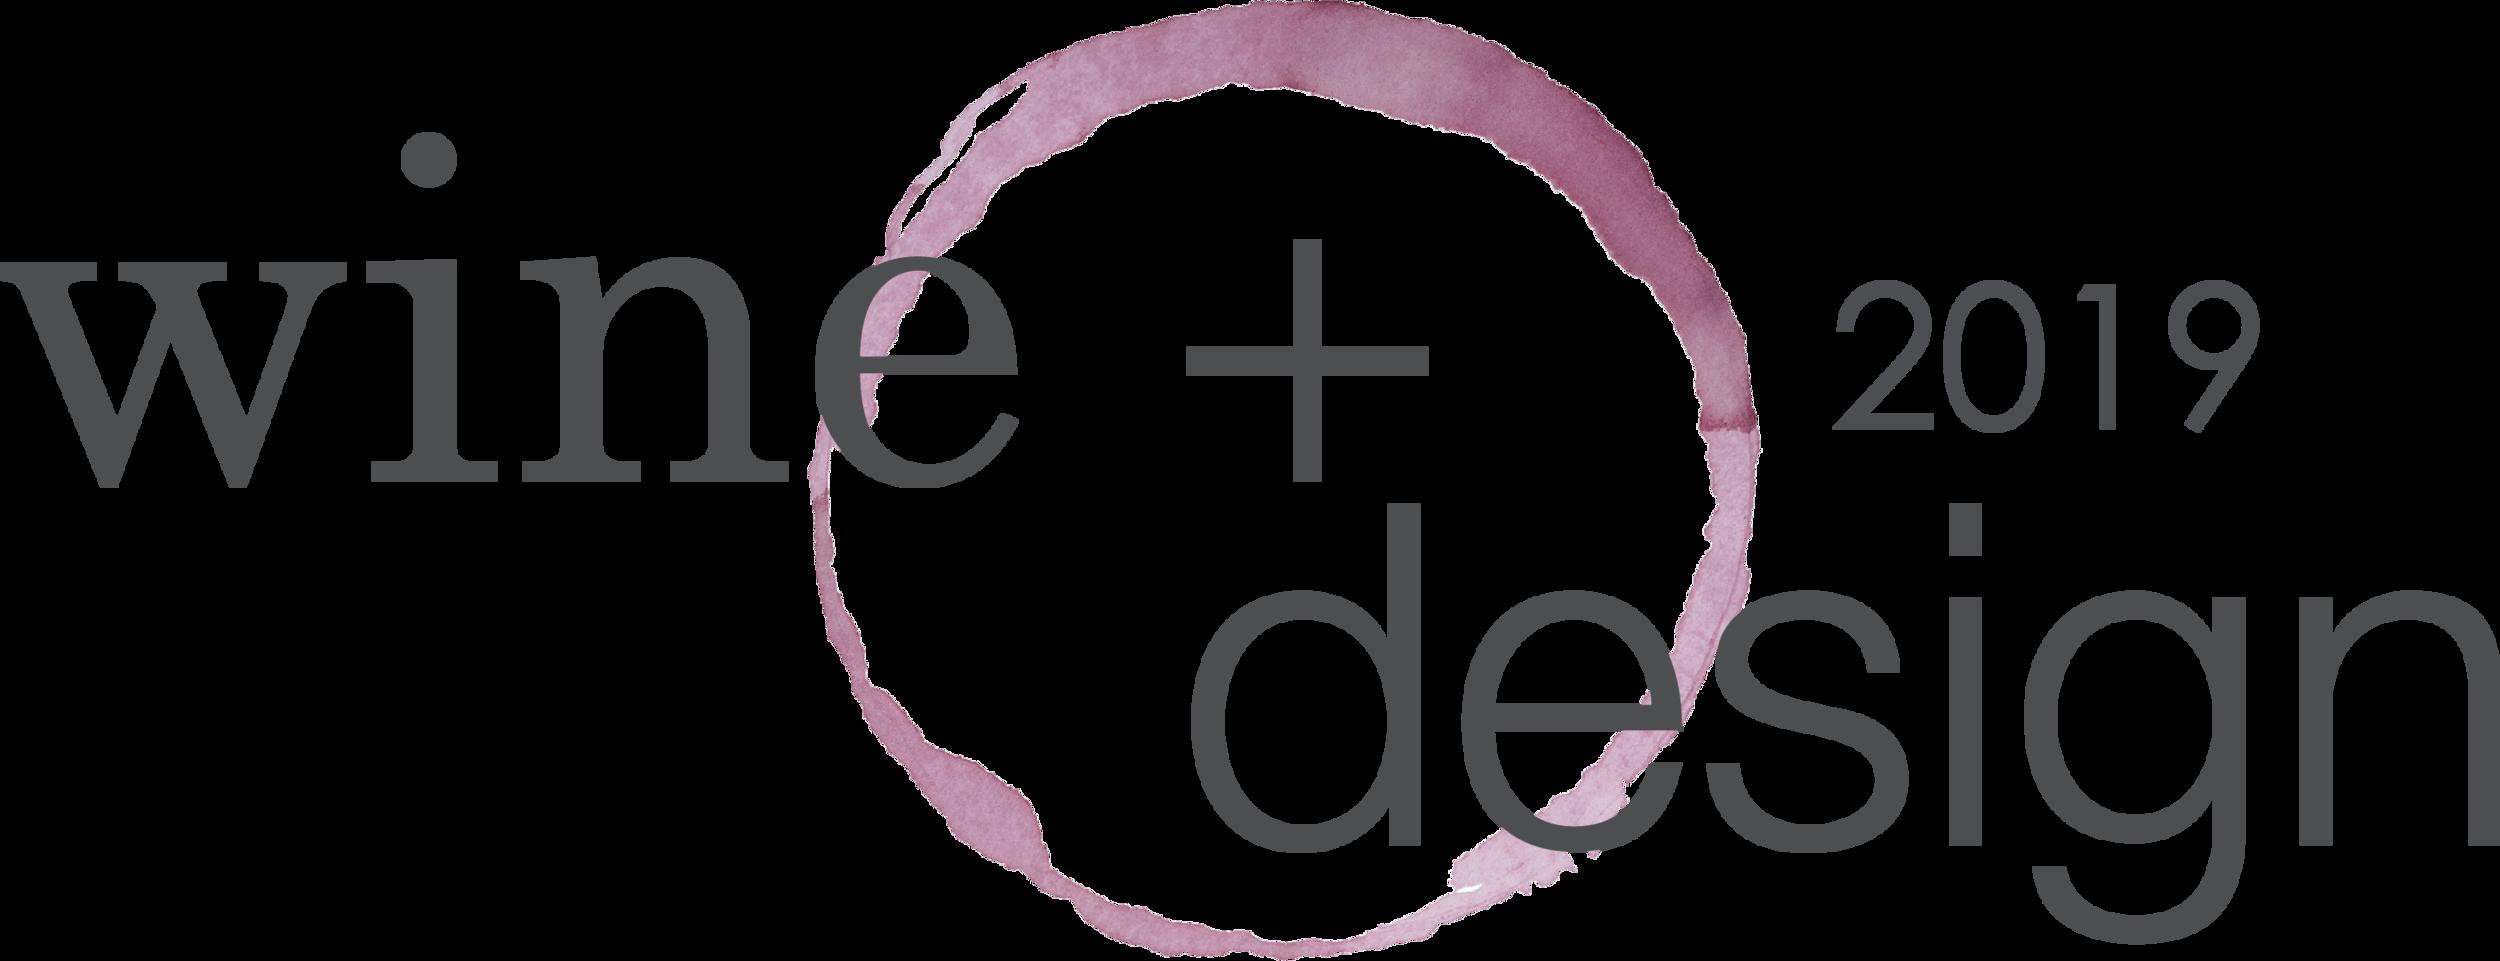 w+d_logo_2019.png